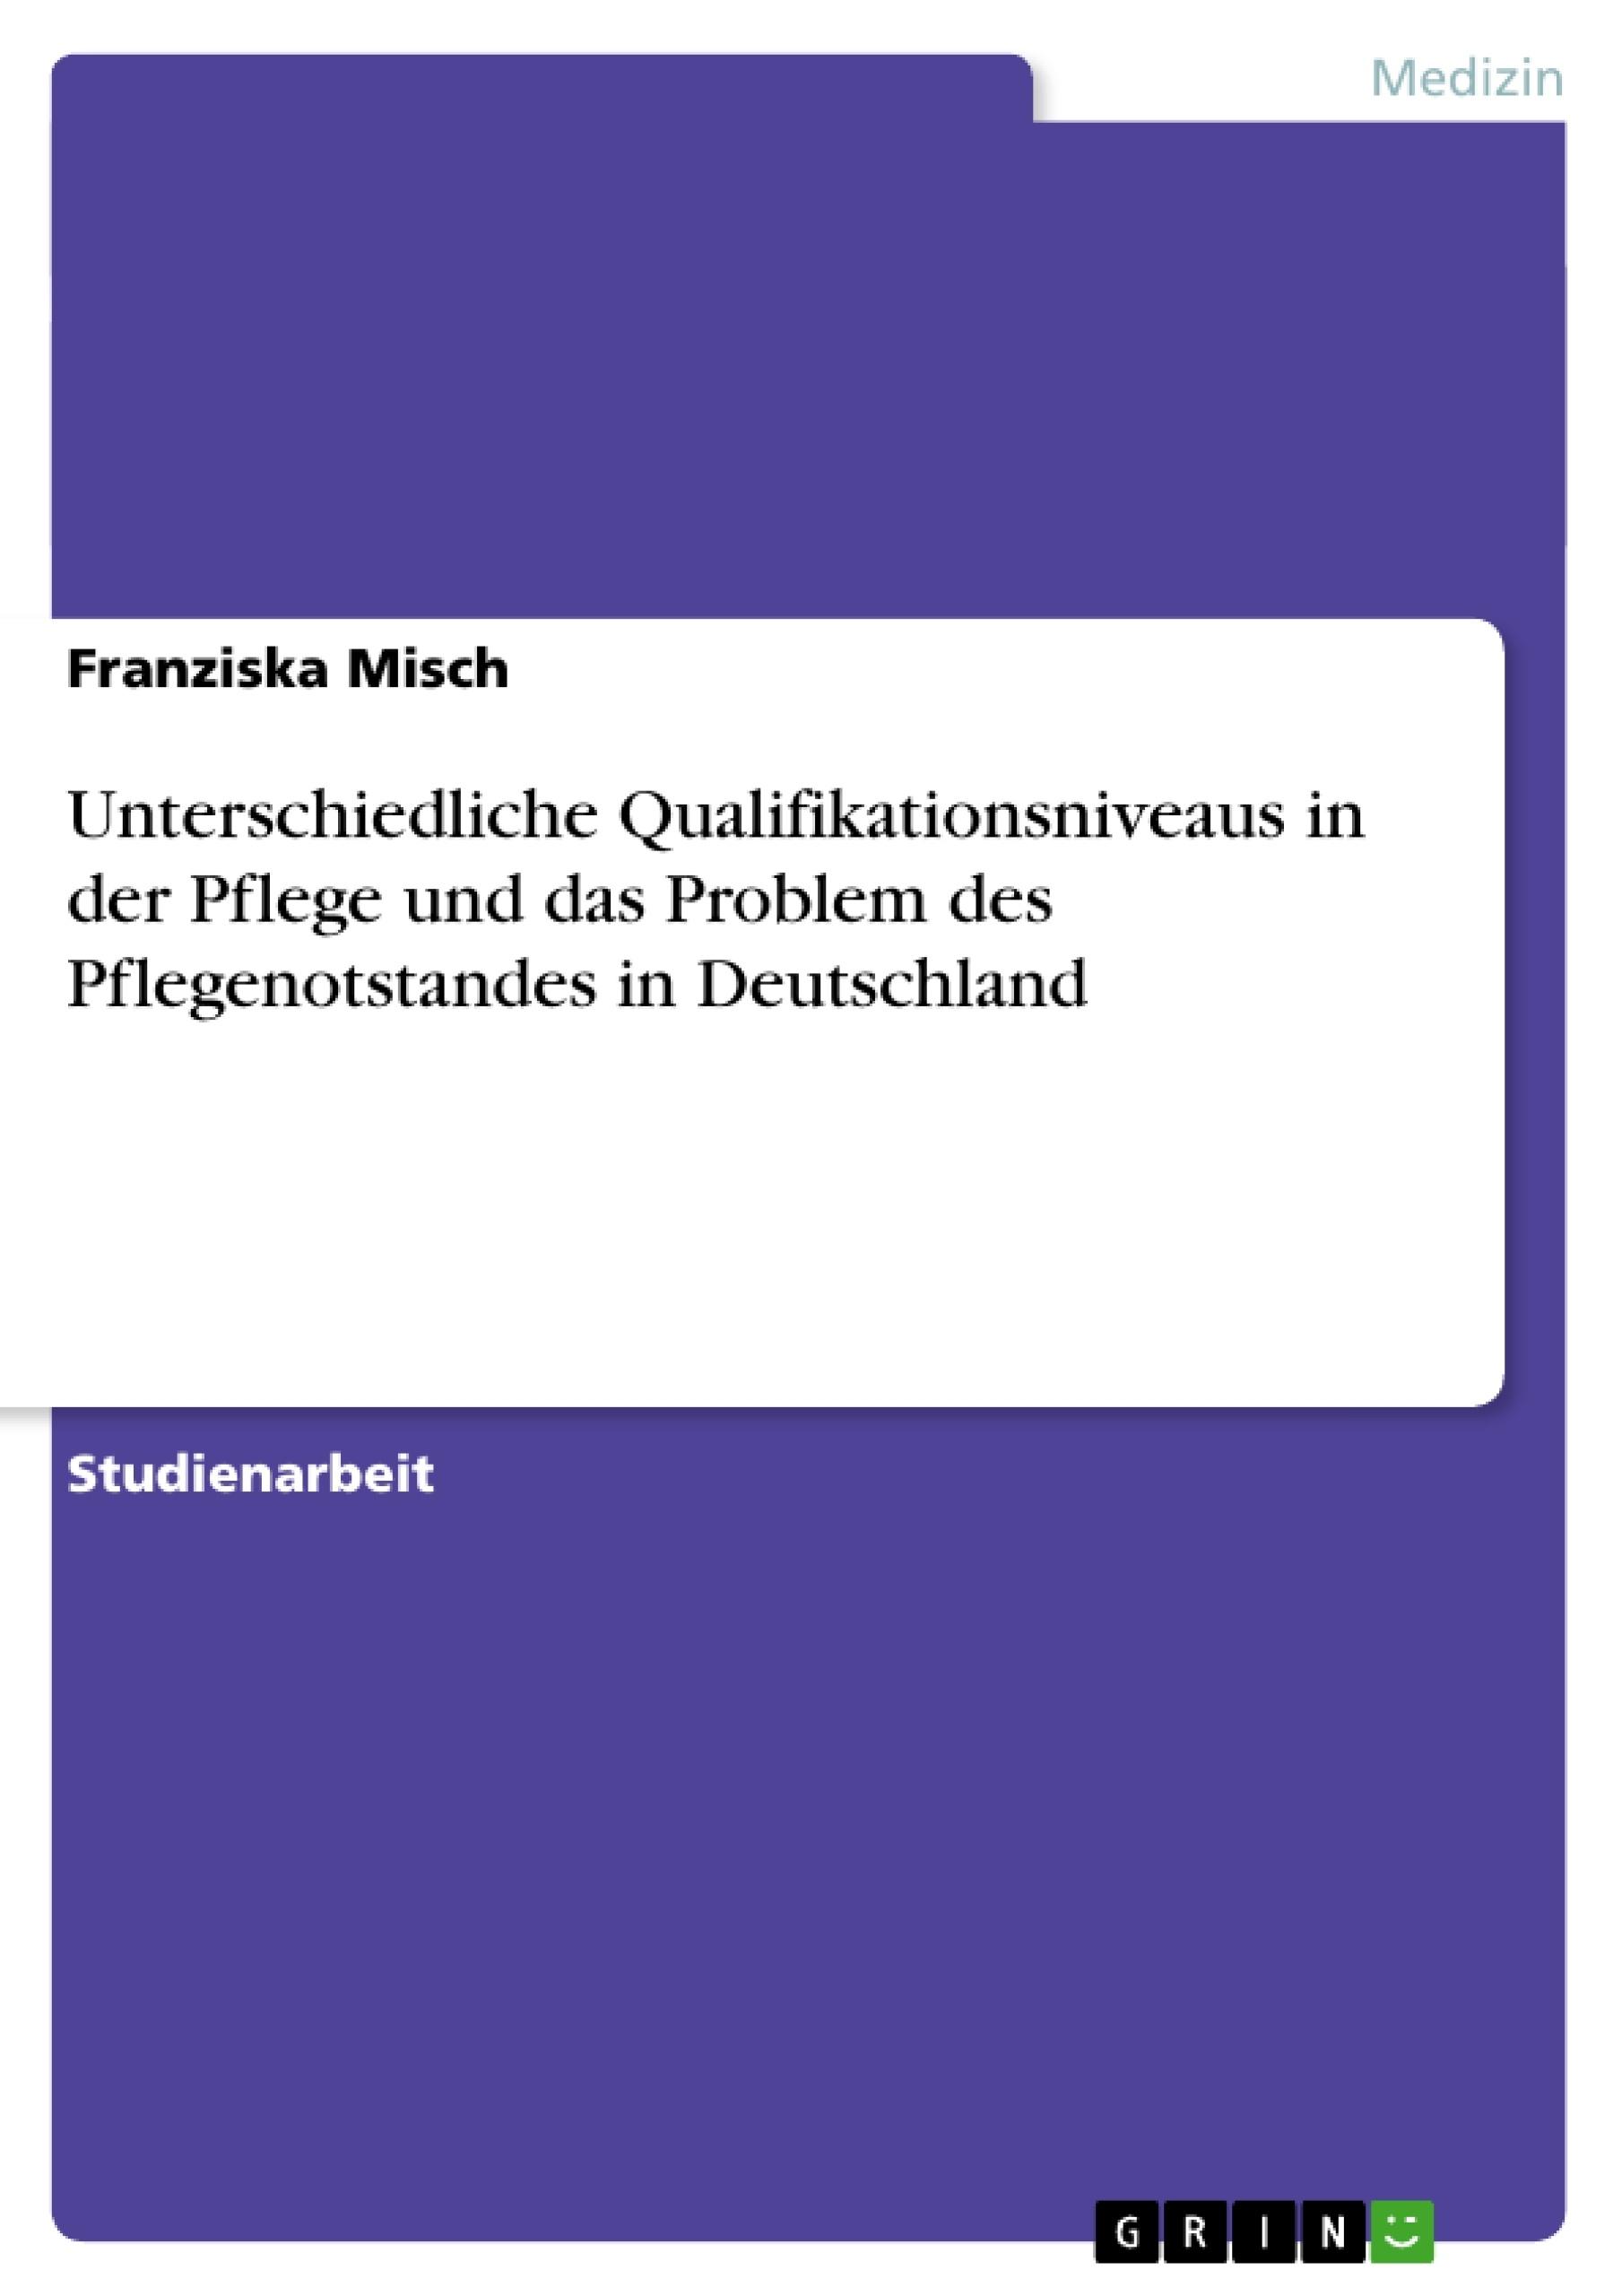 Titel: Unterschiedliche Qualifikationsniveaus in der Pflege und das Problem des Pflegenotstandes in Deutschland